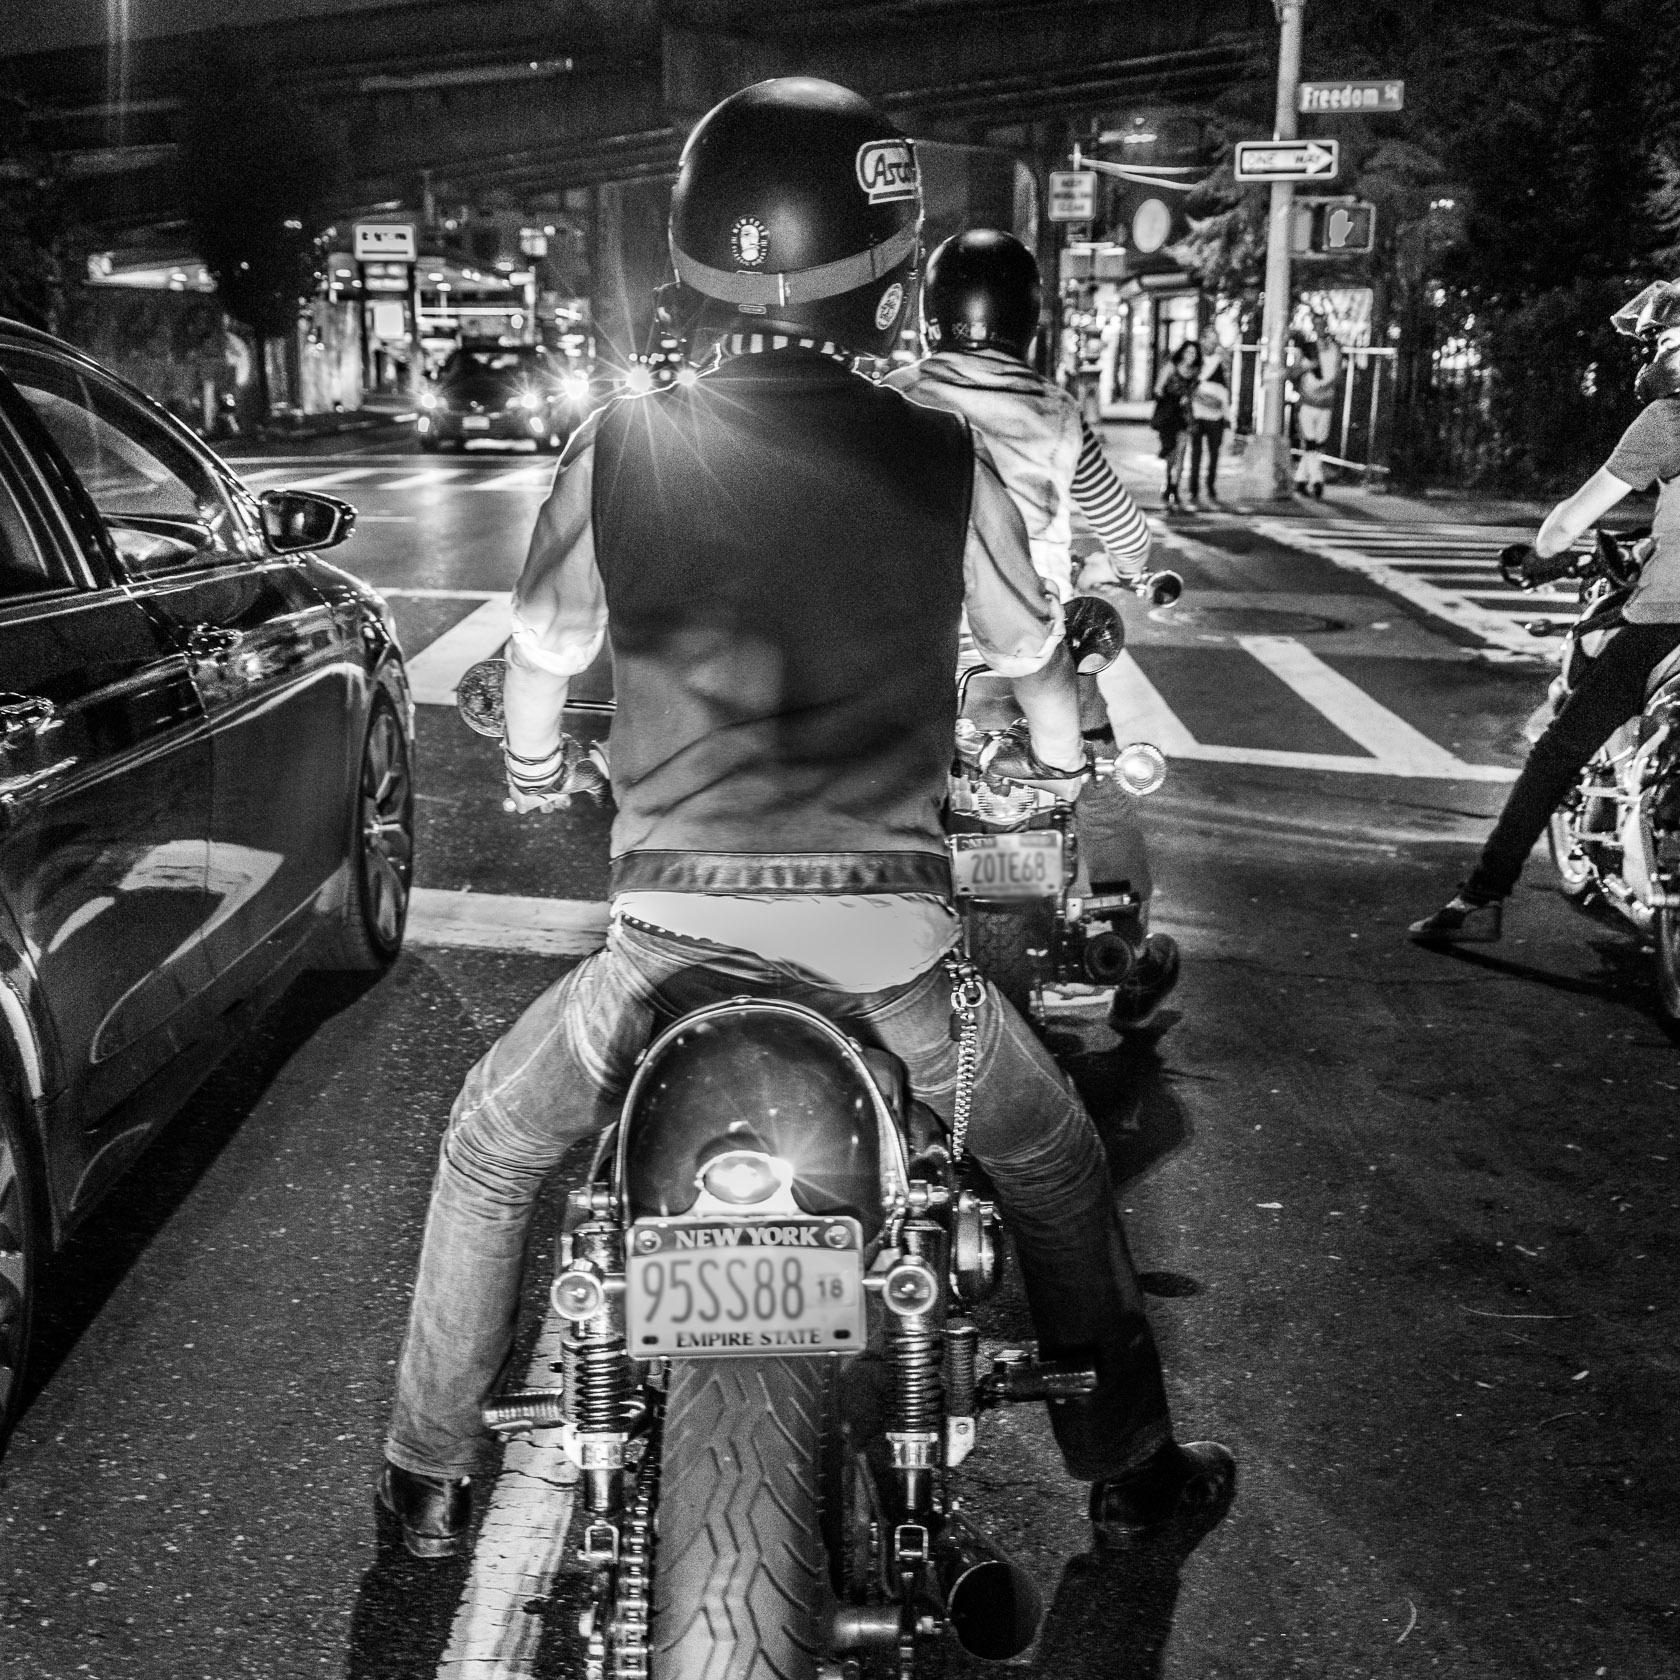 Bikers NYC 12